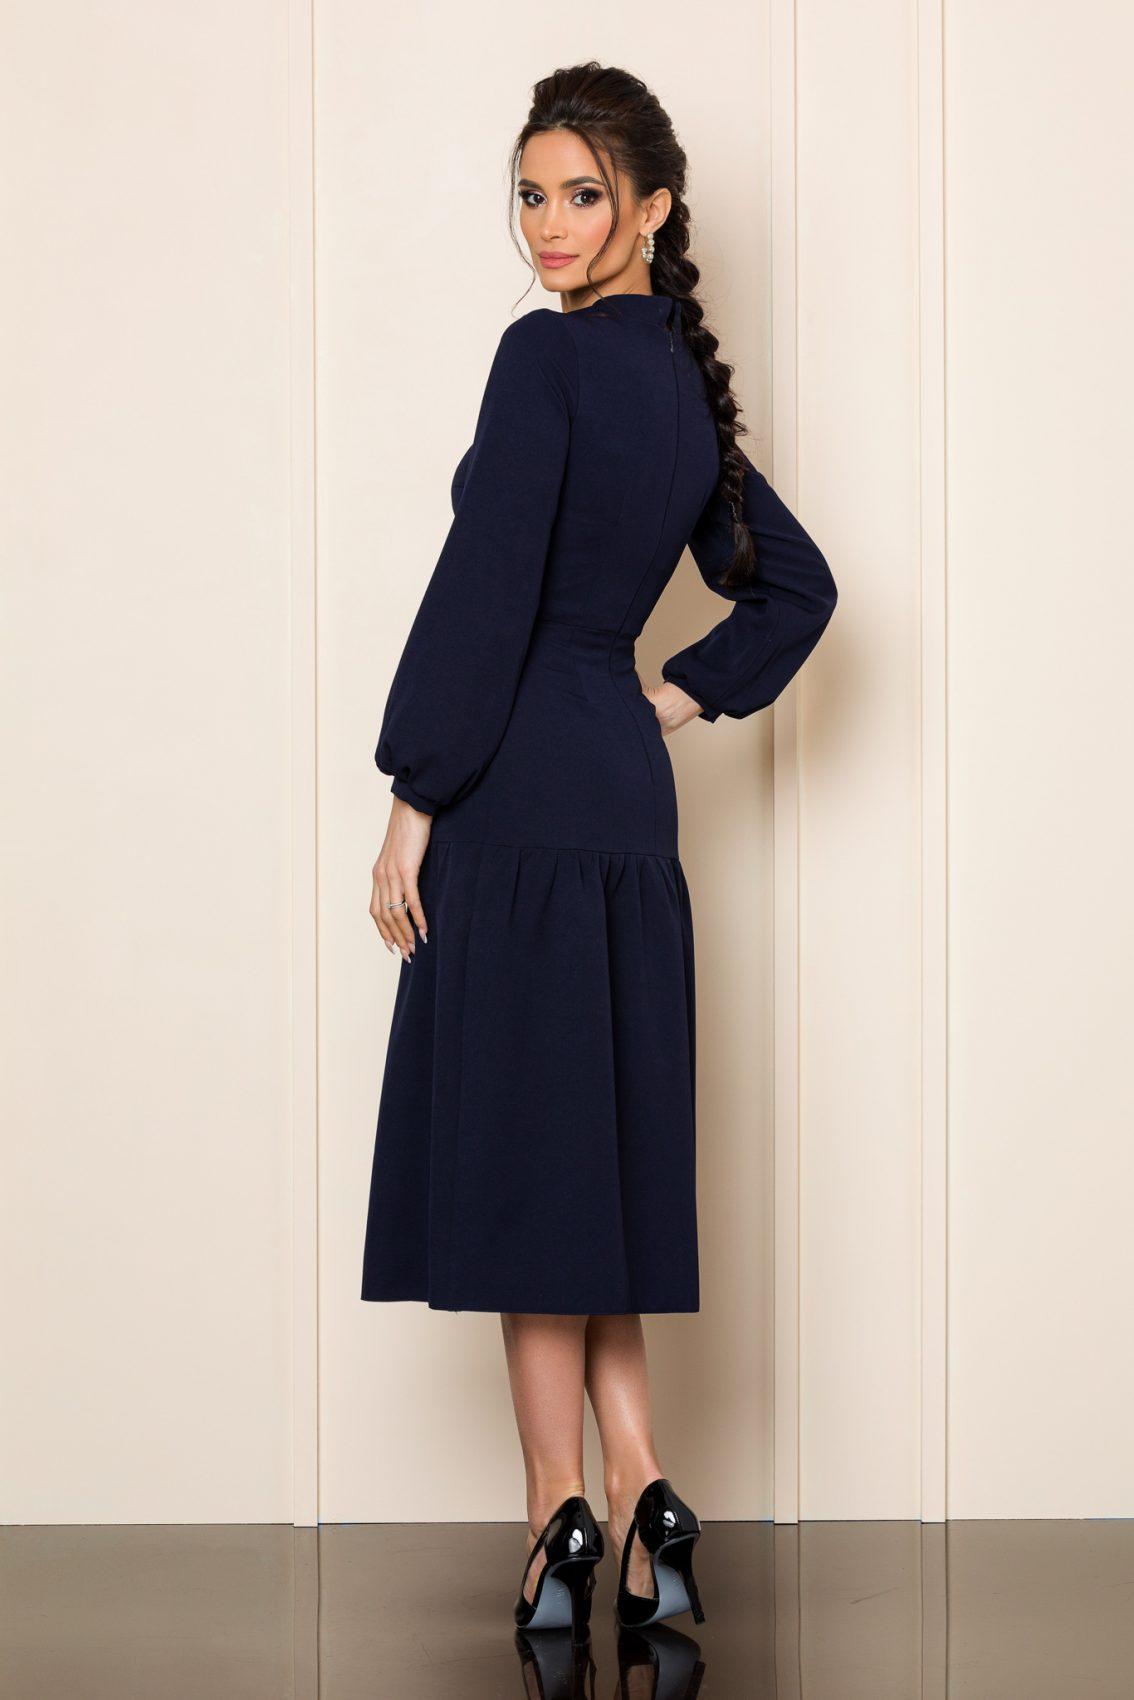 Μπλε Μίντι Φόρεμα Xonia 9832 2